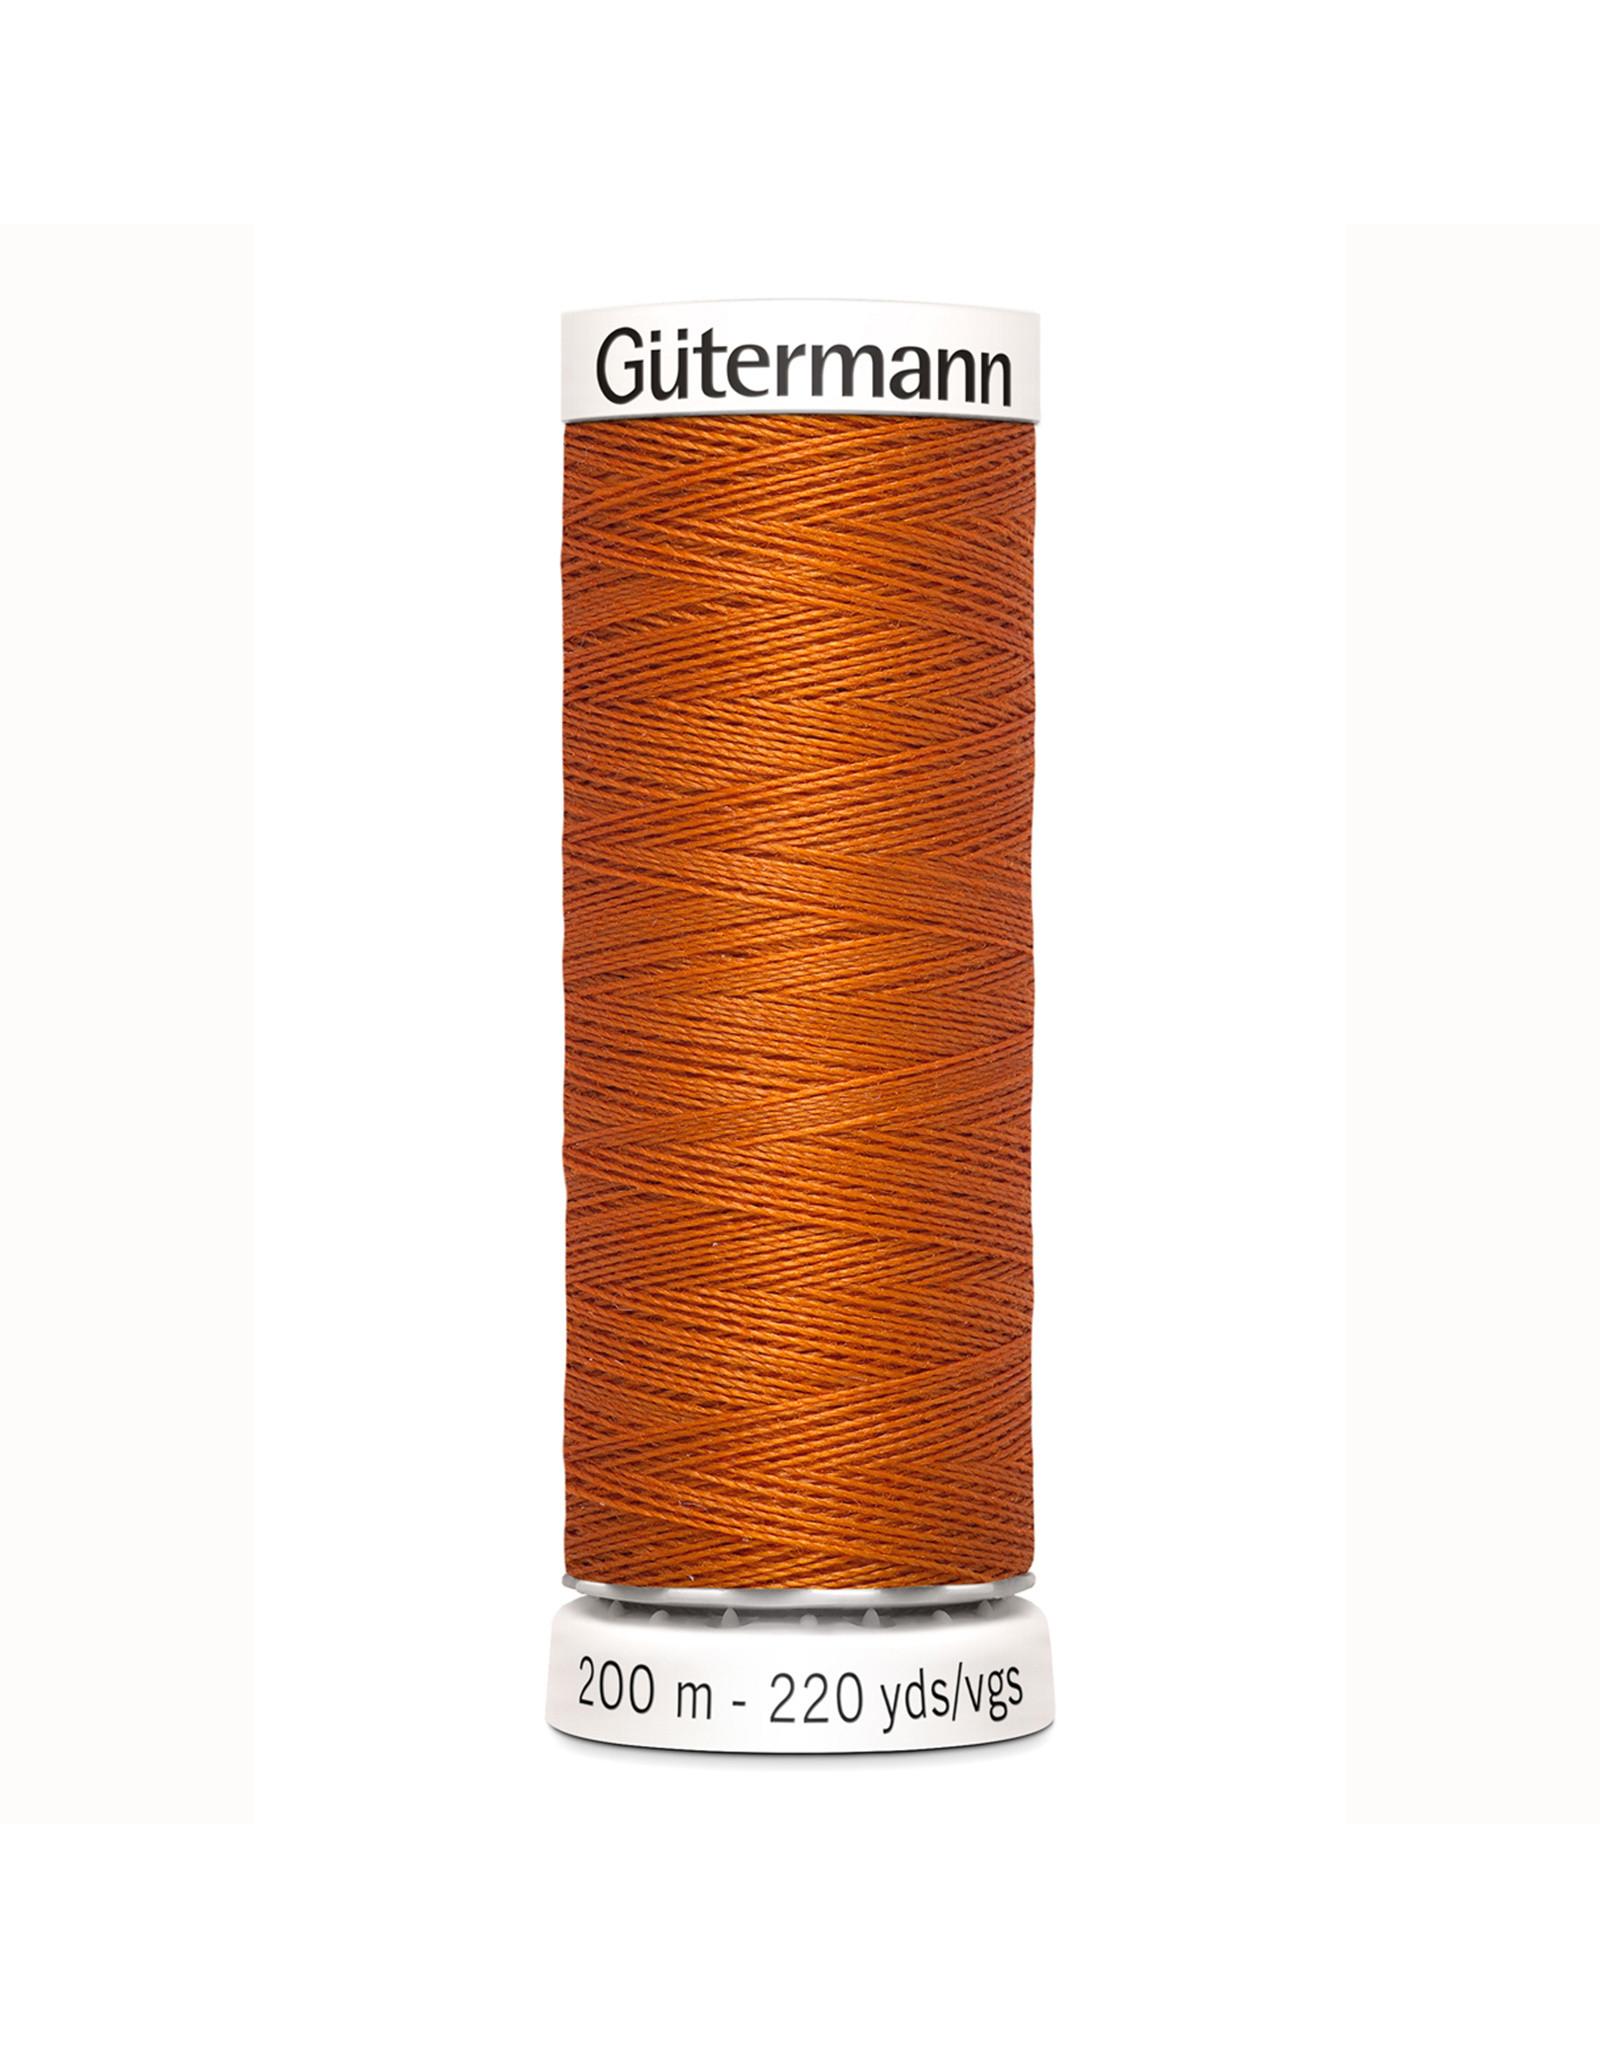 Gütermann Gütermann Nähgarn 200 m - nr 932